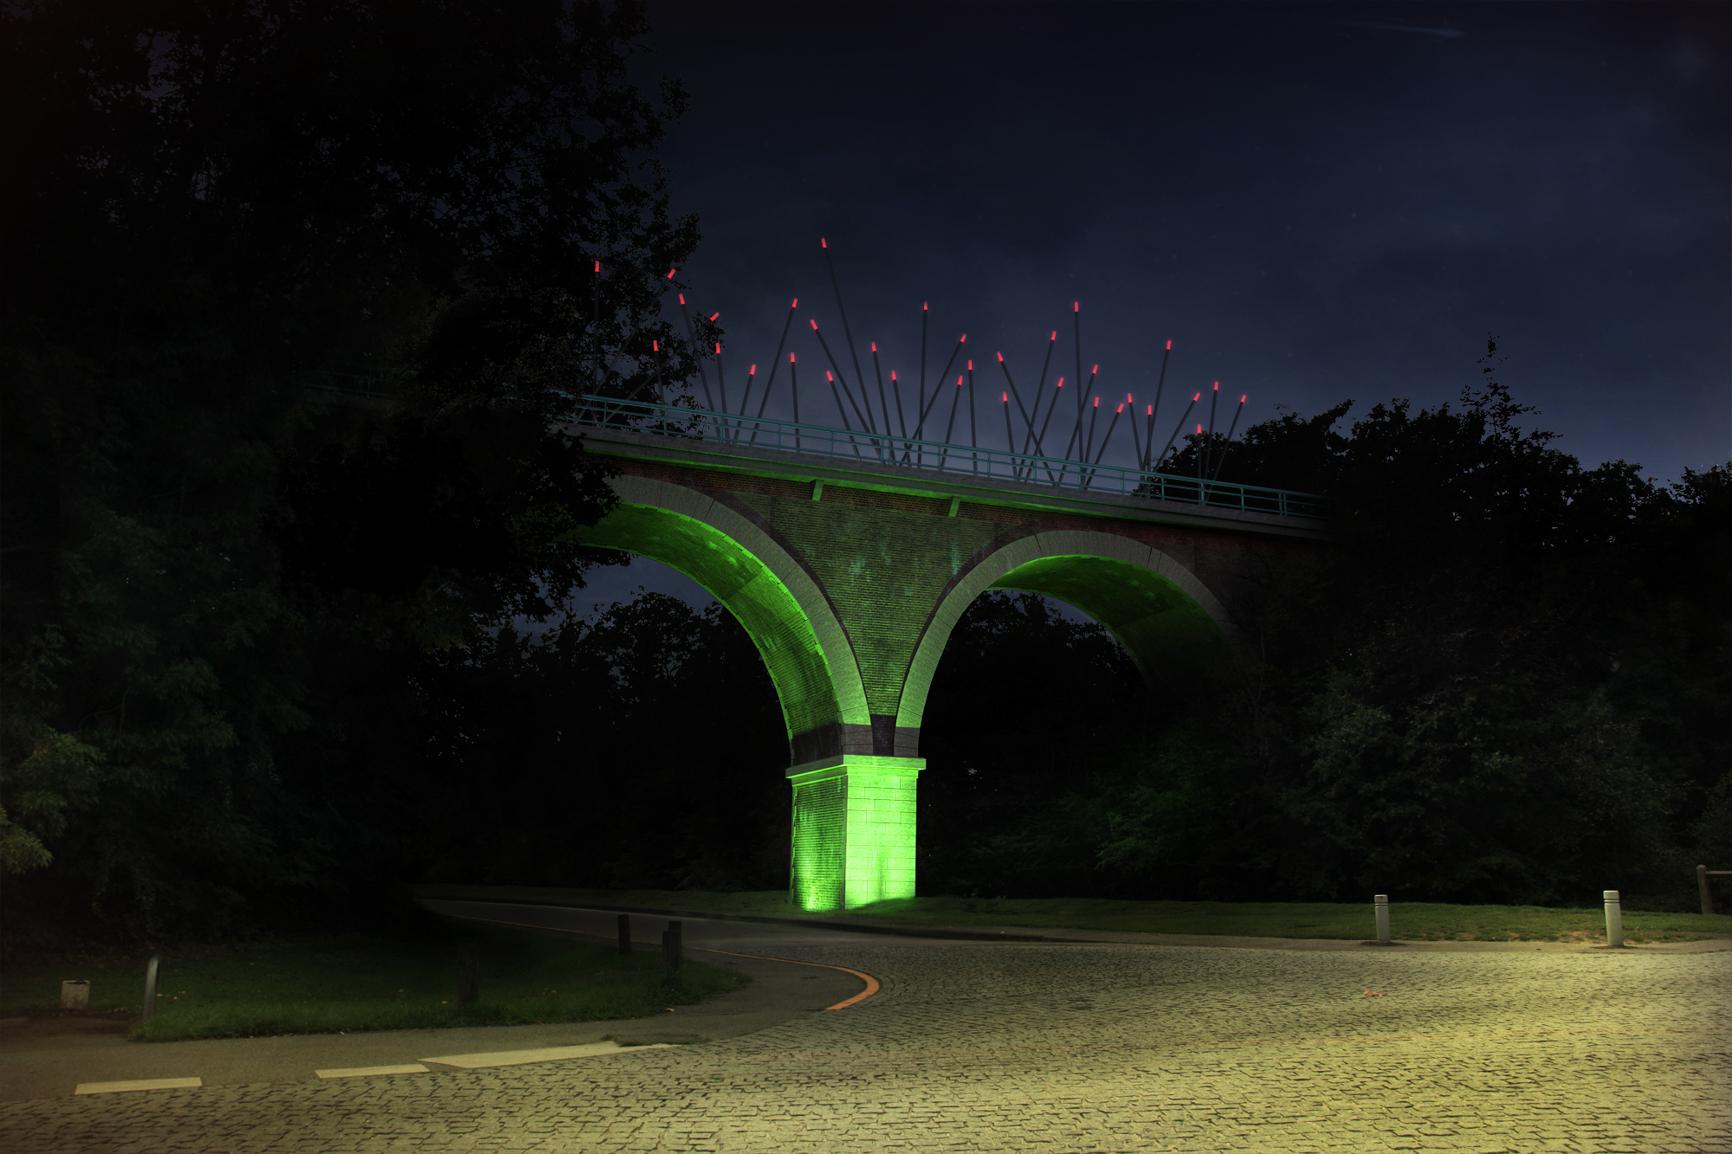 Modélisation 3D et intégration de Ponts par Dripmoon